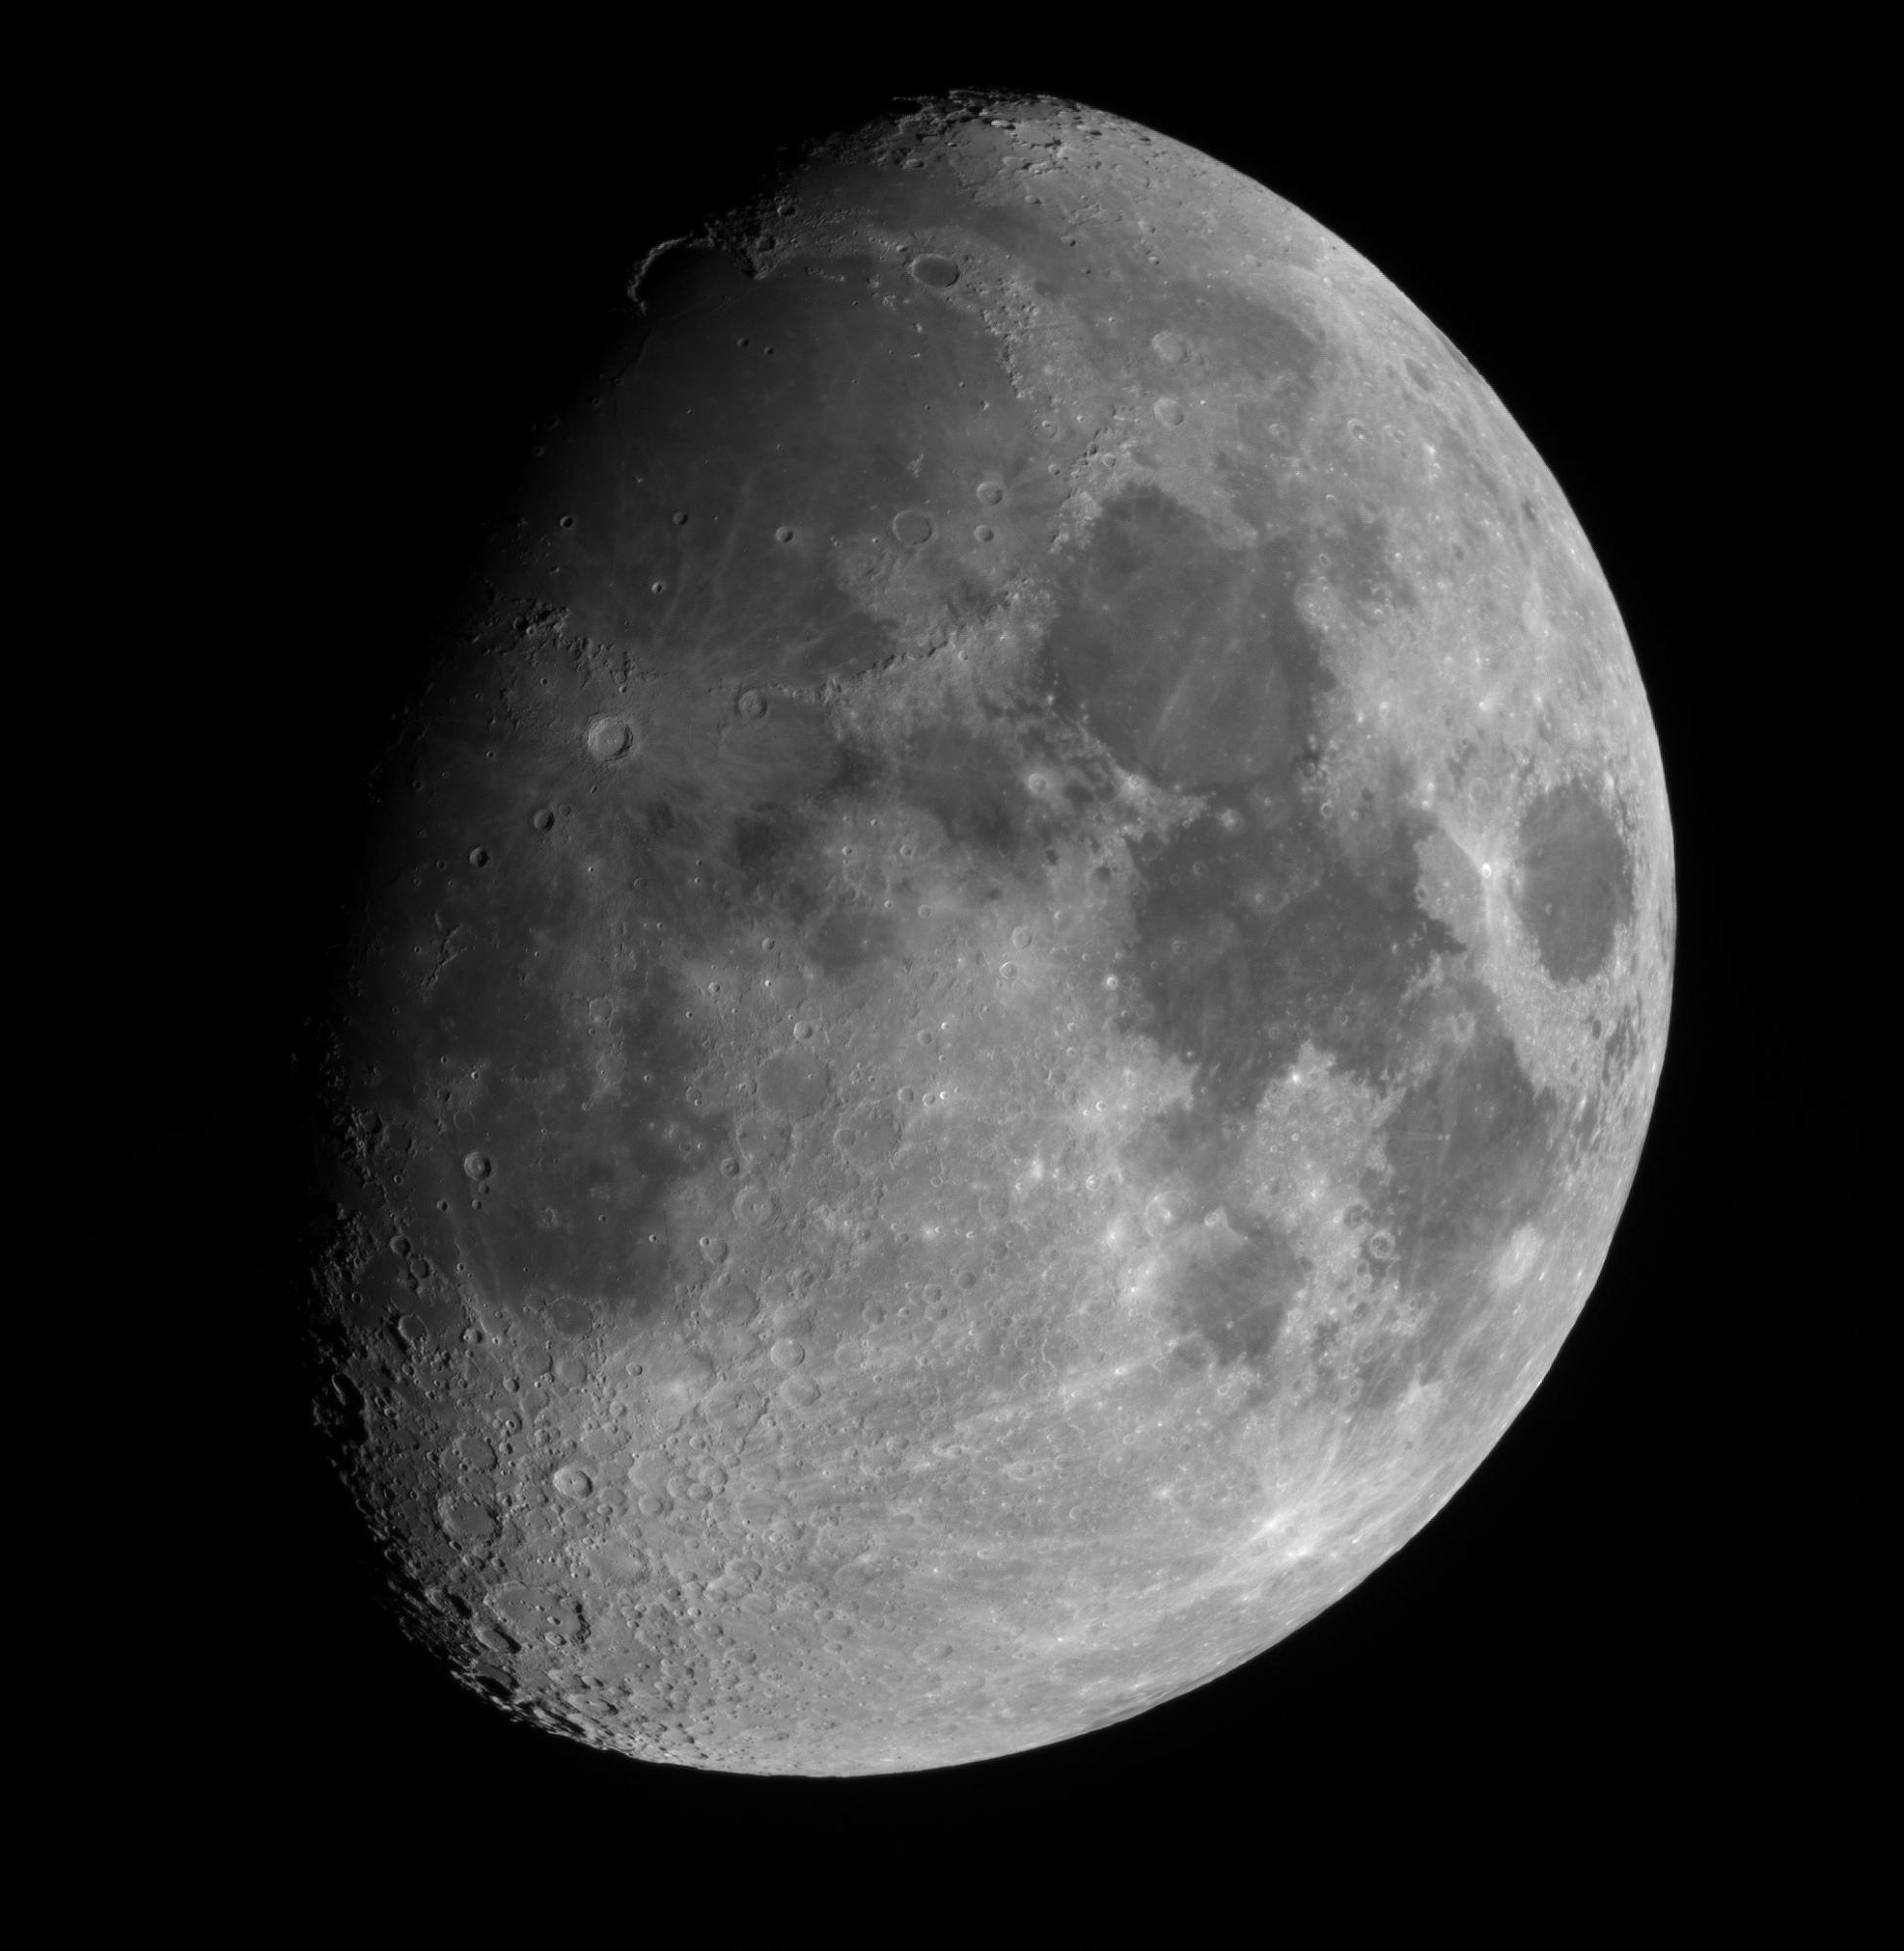 600da1c1920b4_Moon_222504_230121_ZWOASI462MC_RGB_AS_P10_lapl5_ap2055_stitch-finalemono.thumb.jpg.8b327bf2afa49ca89b15907fc6551a42.jpg